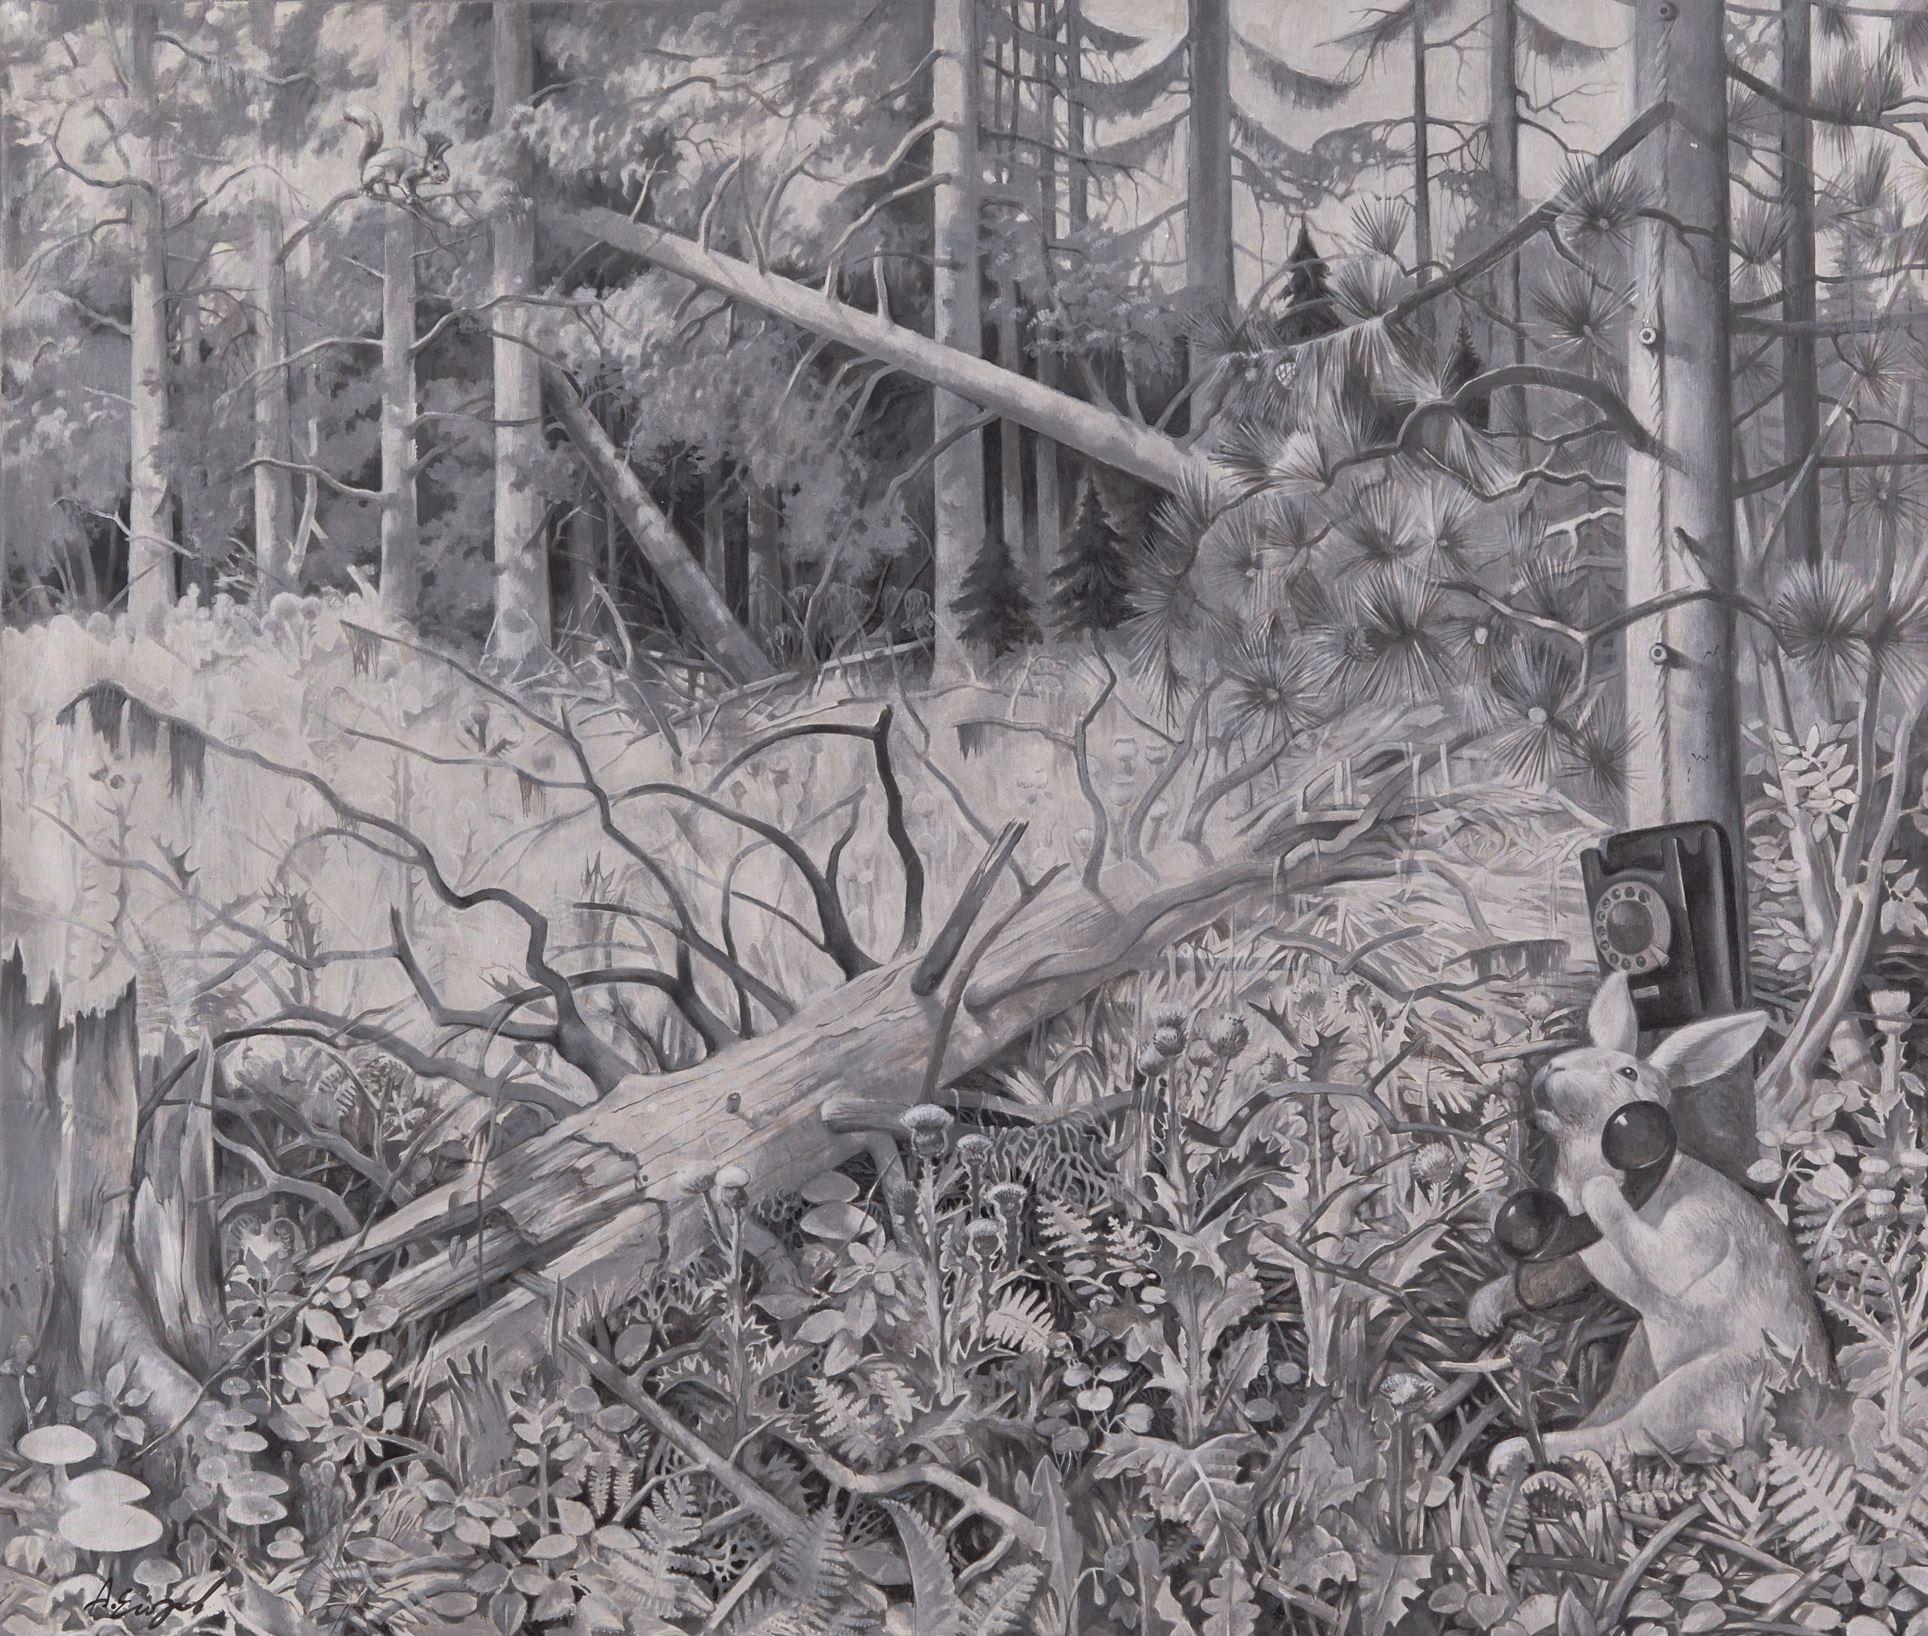 в лесу 120х140 холст акрил 2015